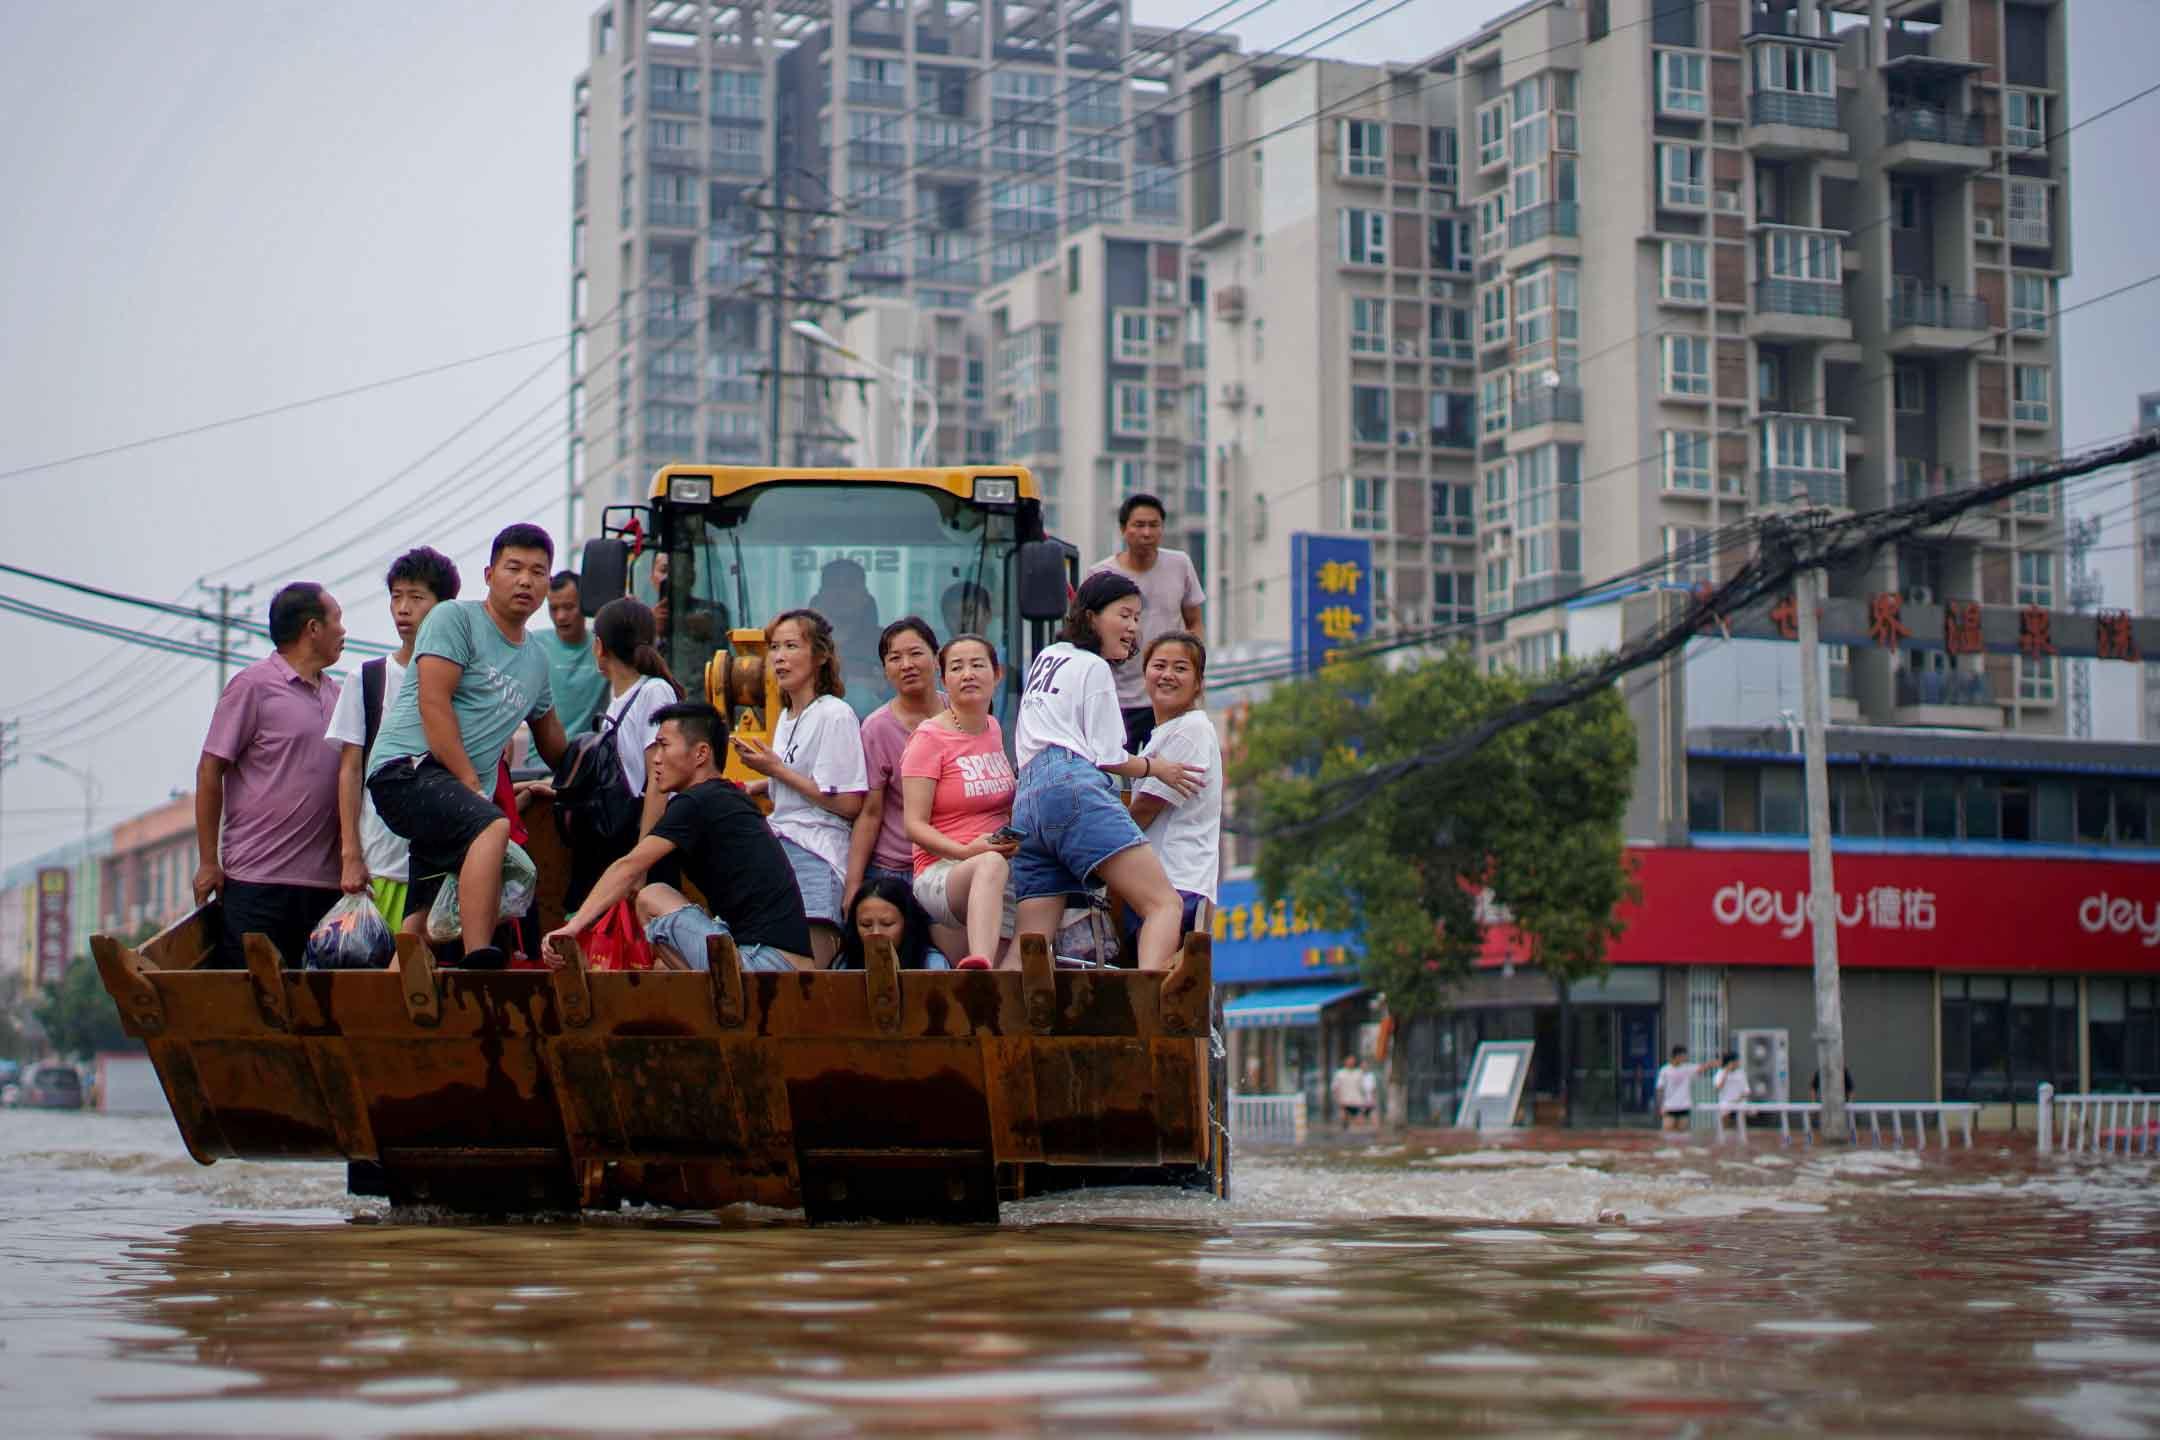 2021年7月23日中國河南省鄭州市,人們騎著裝載機穿過洪水。